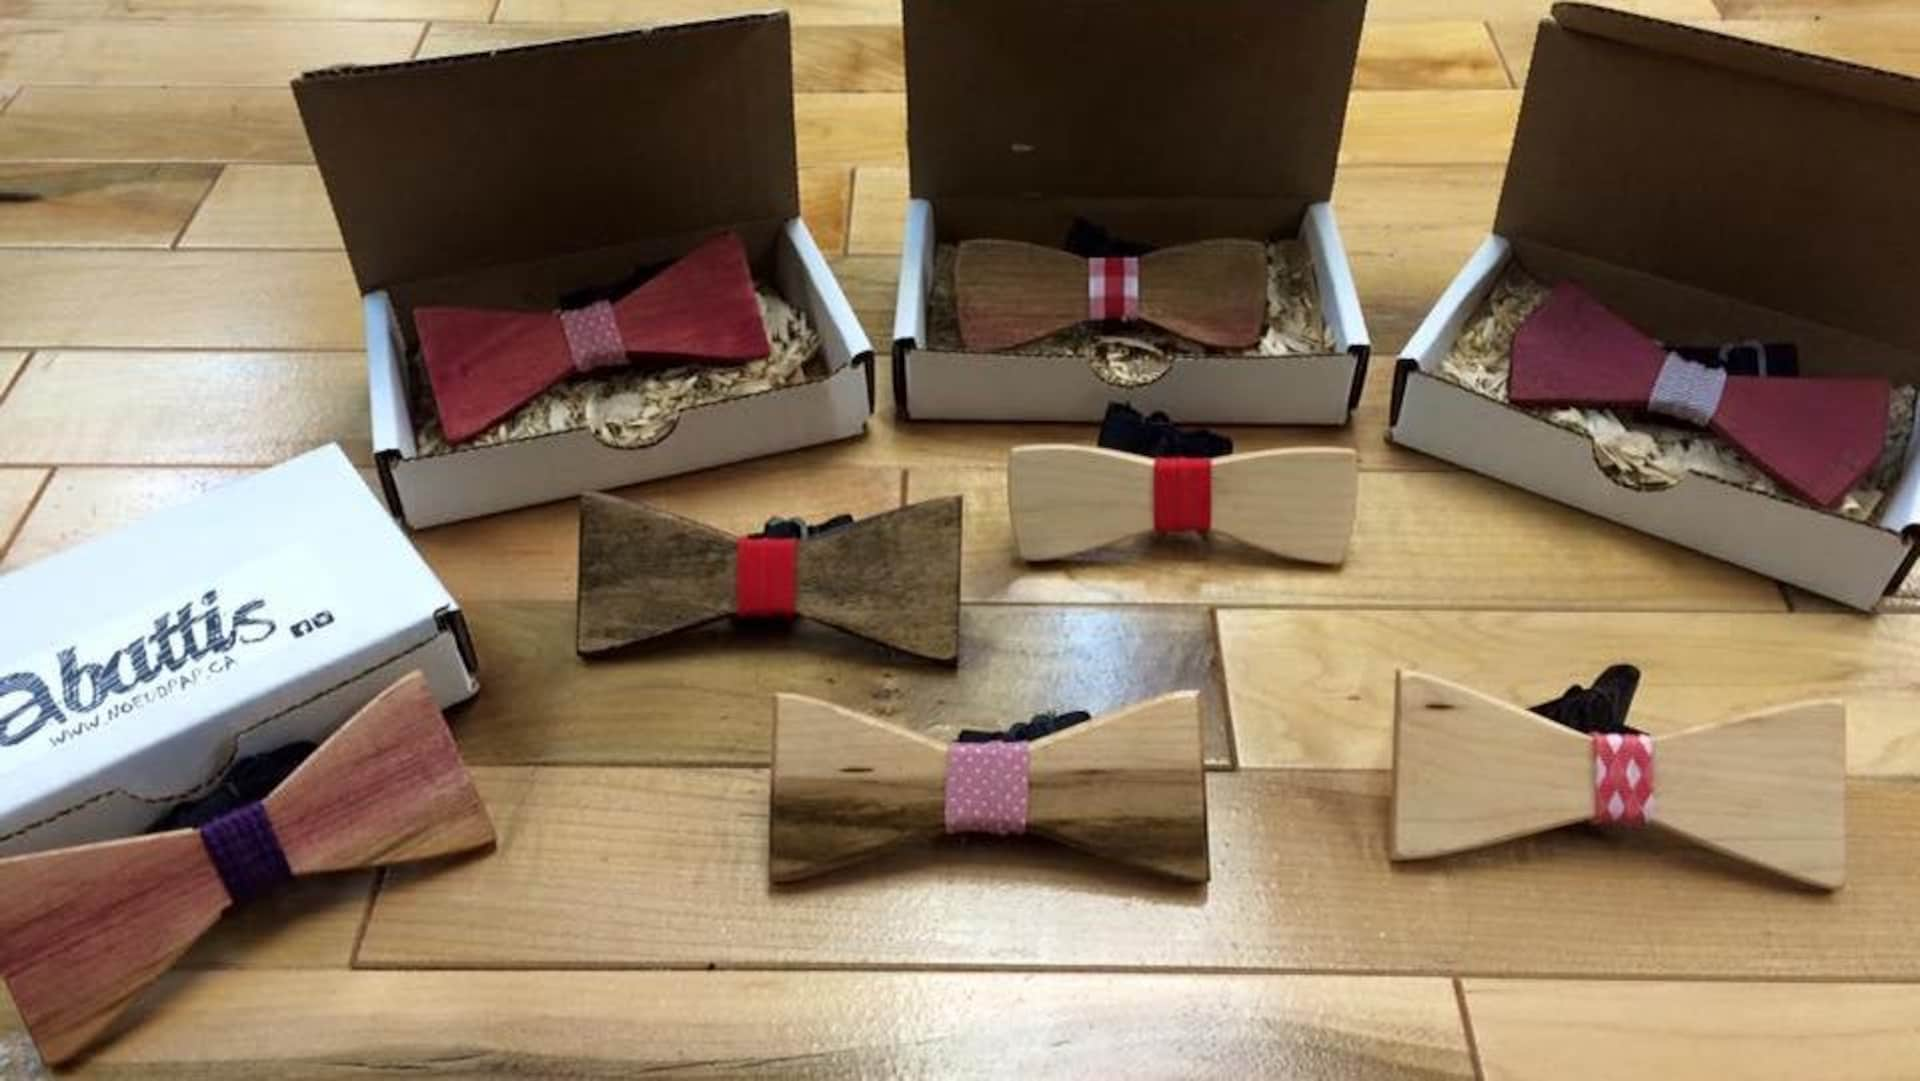 Huit exemples de noeuds papillon de la compagnie Abattis Noeud Pap de Saguenay sont étalés sur le plancher.